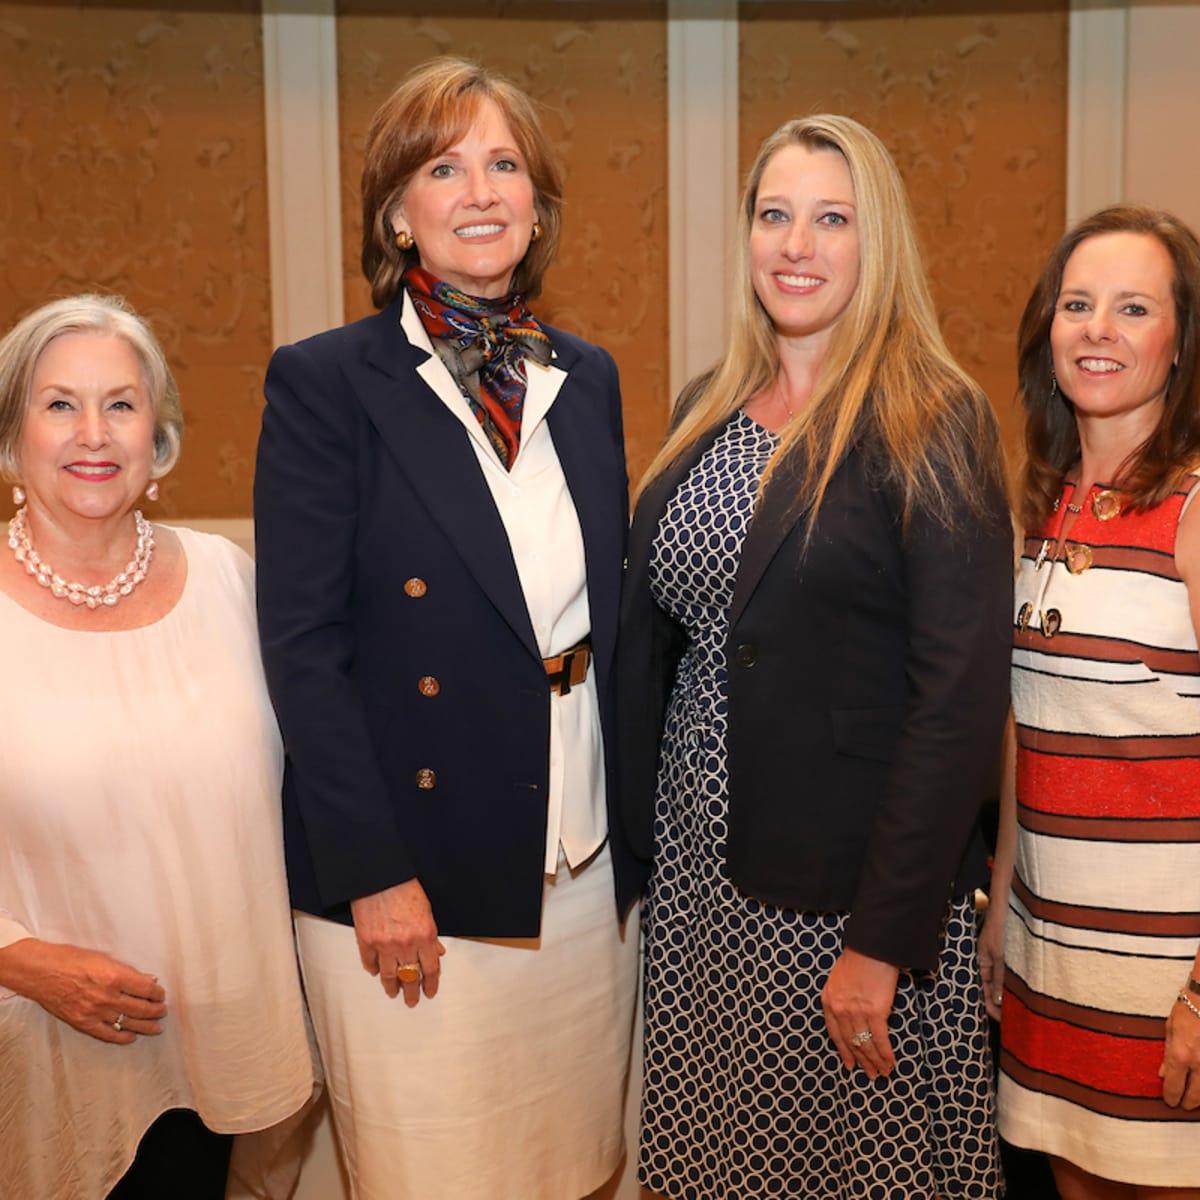 Judy Jackson, Dean Lorraine Frazier, Stacie Fernandez, and Charis Cox